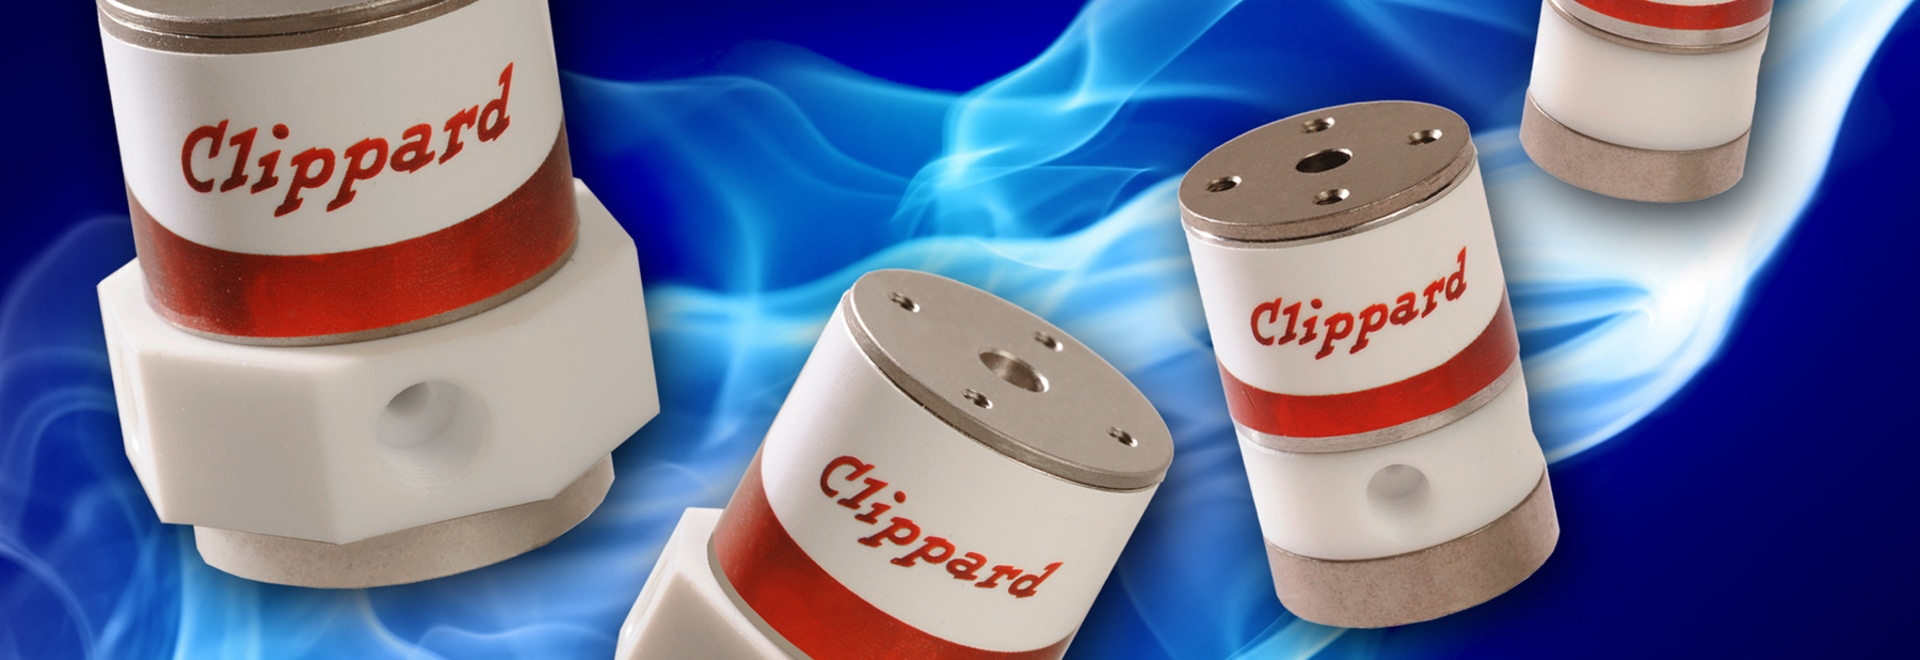 Clippard NIV Series PTFE Media Isolation Valves